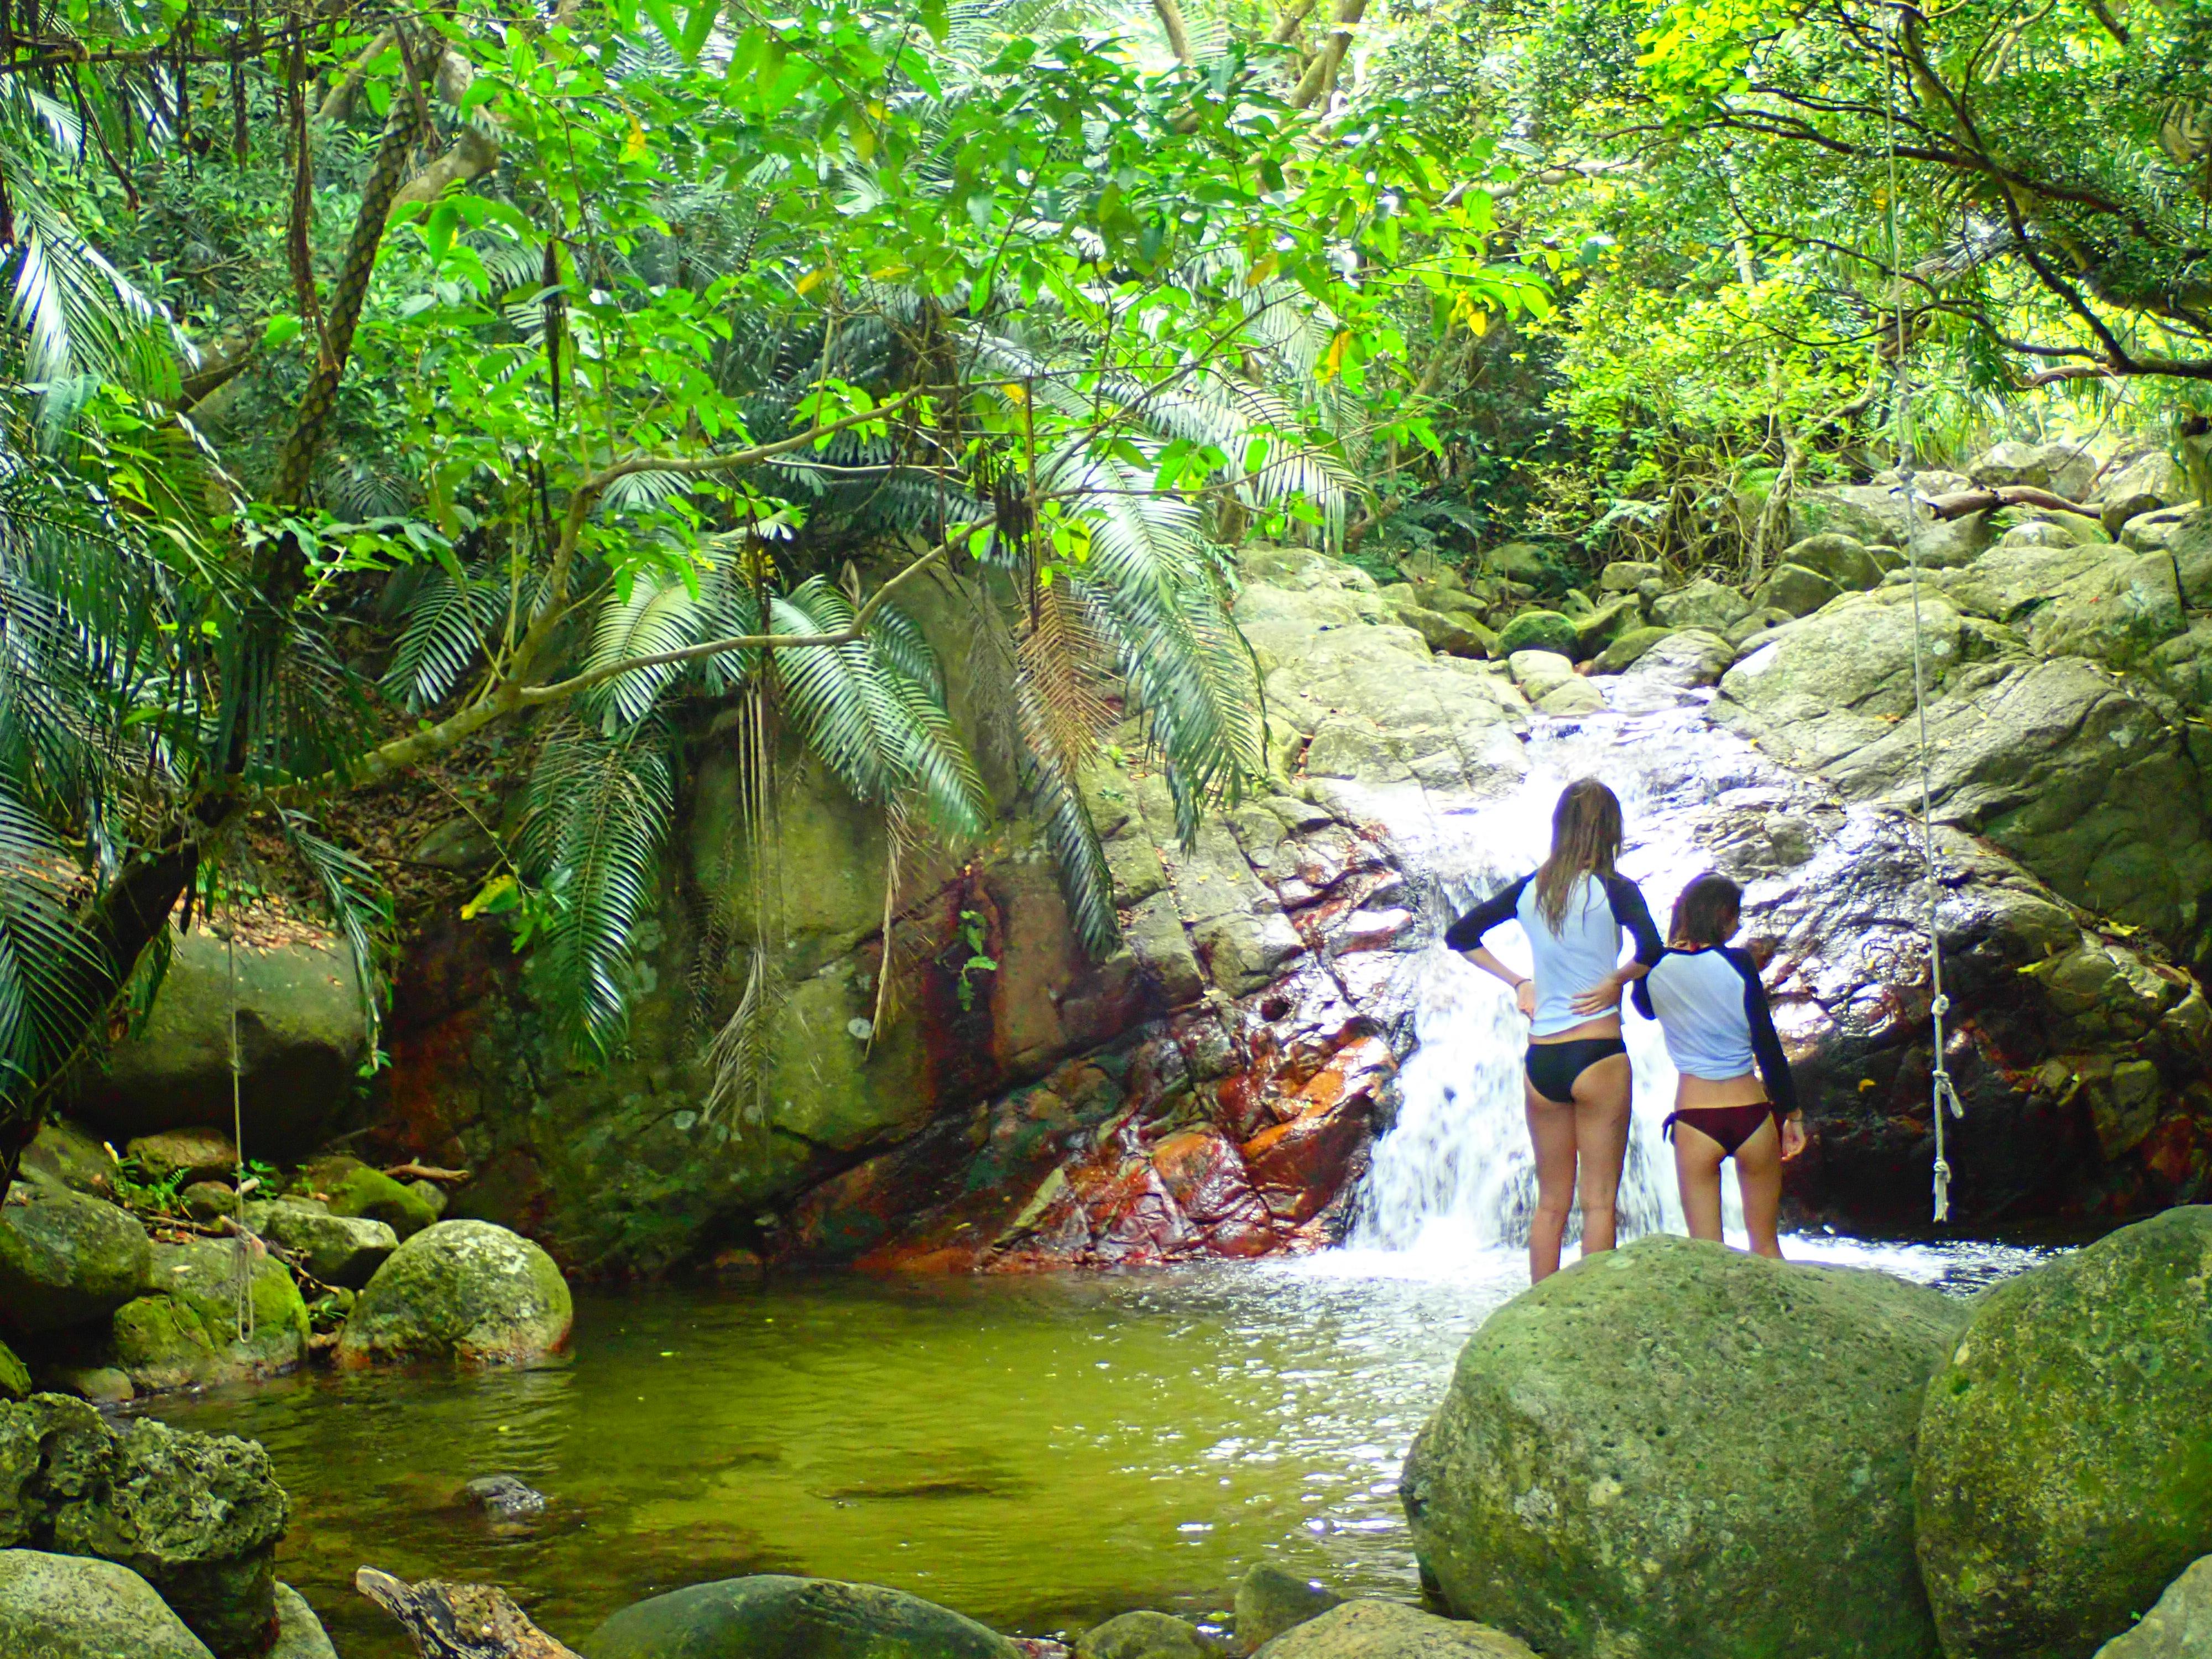 荒川の滝で水浴びする女性